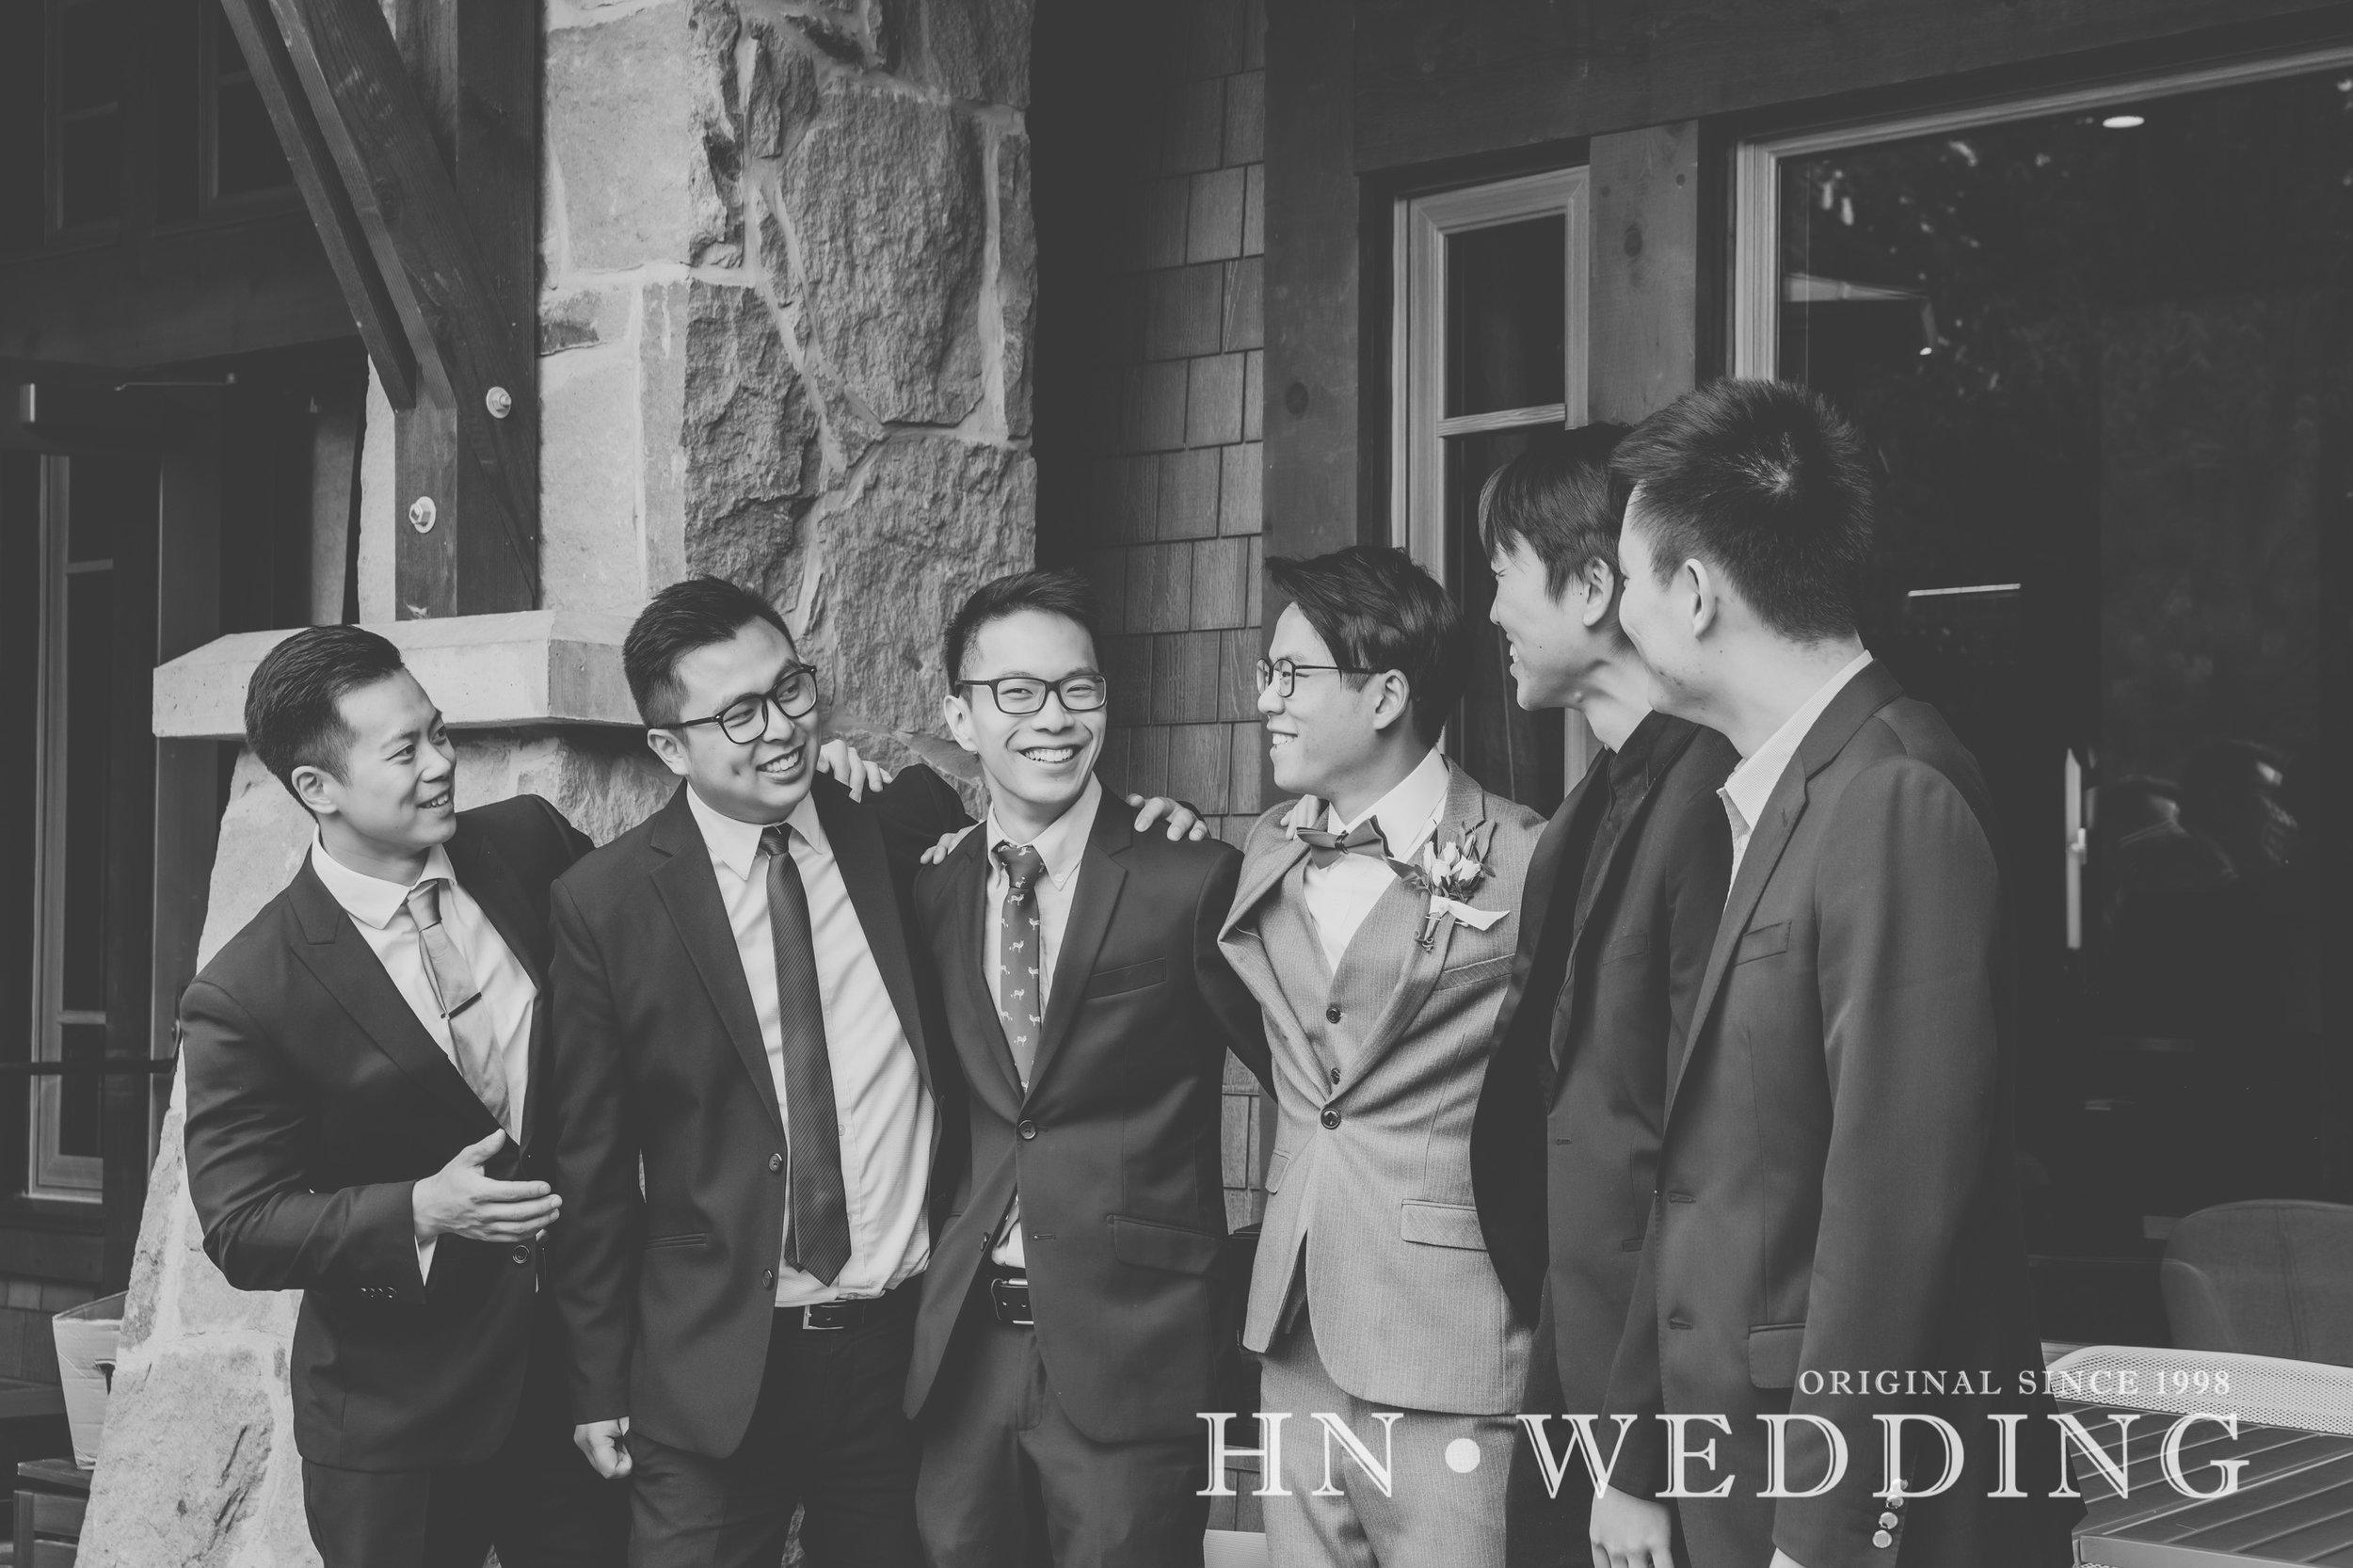 hnweddingprewedding-47.jpg